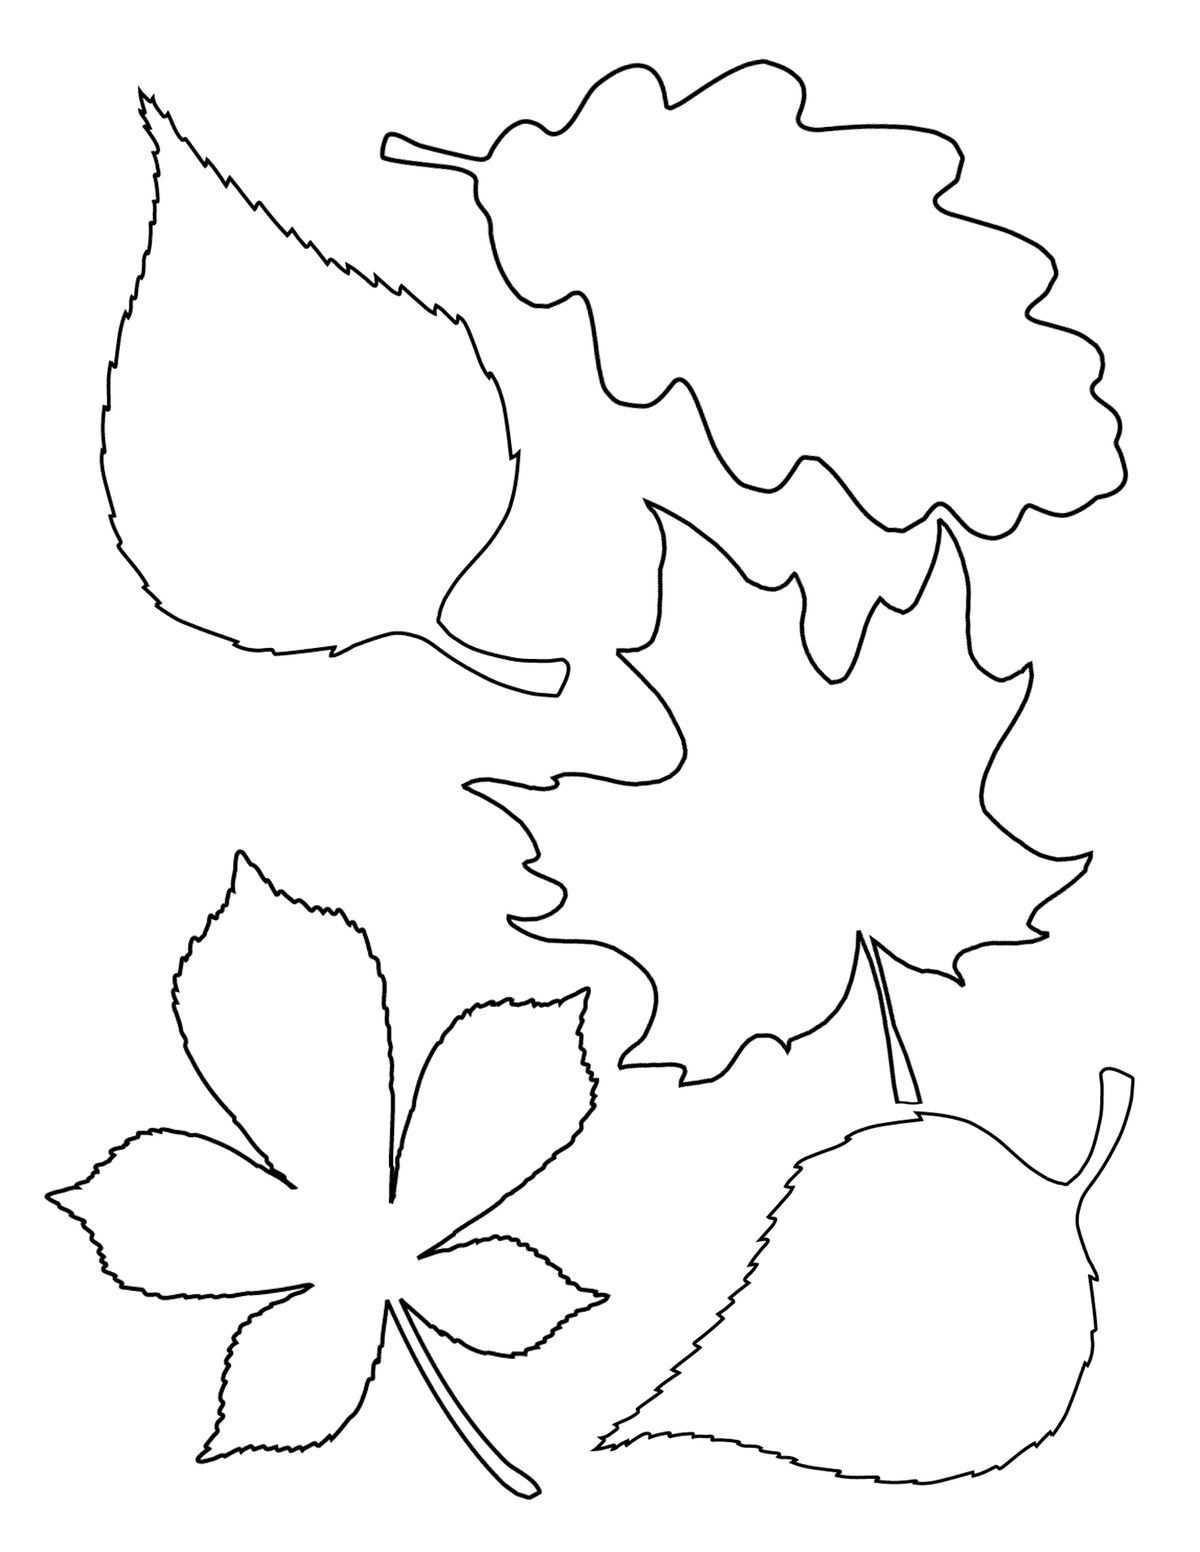 Basteln Im Herbst Mit Kindern Einfache Bastelideen Fur Dich Mission Mom Basteln Herbst Basteln Herbst Fensterbild Basteln Mit Kleinkindern Herbst